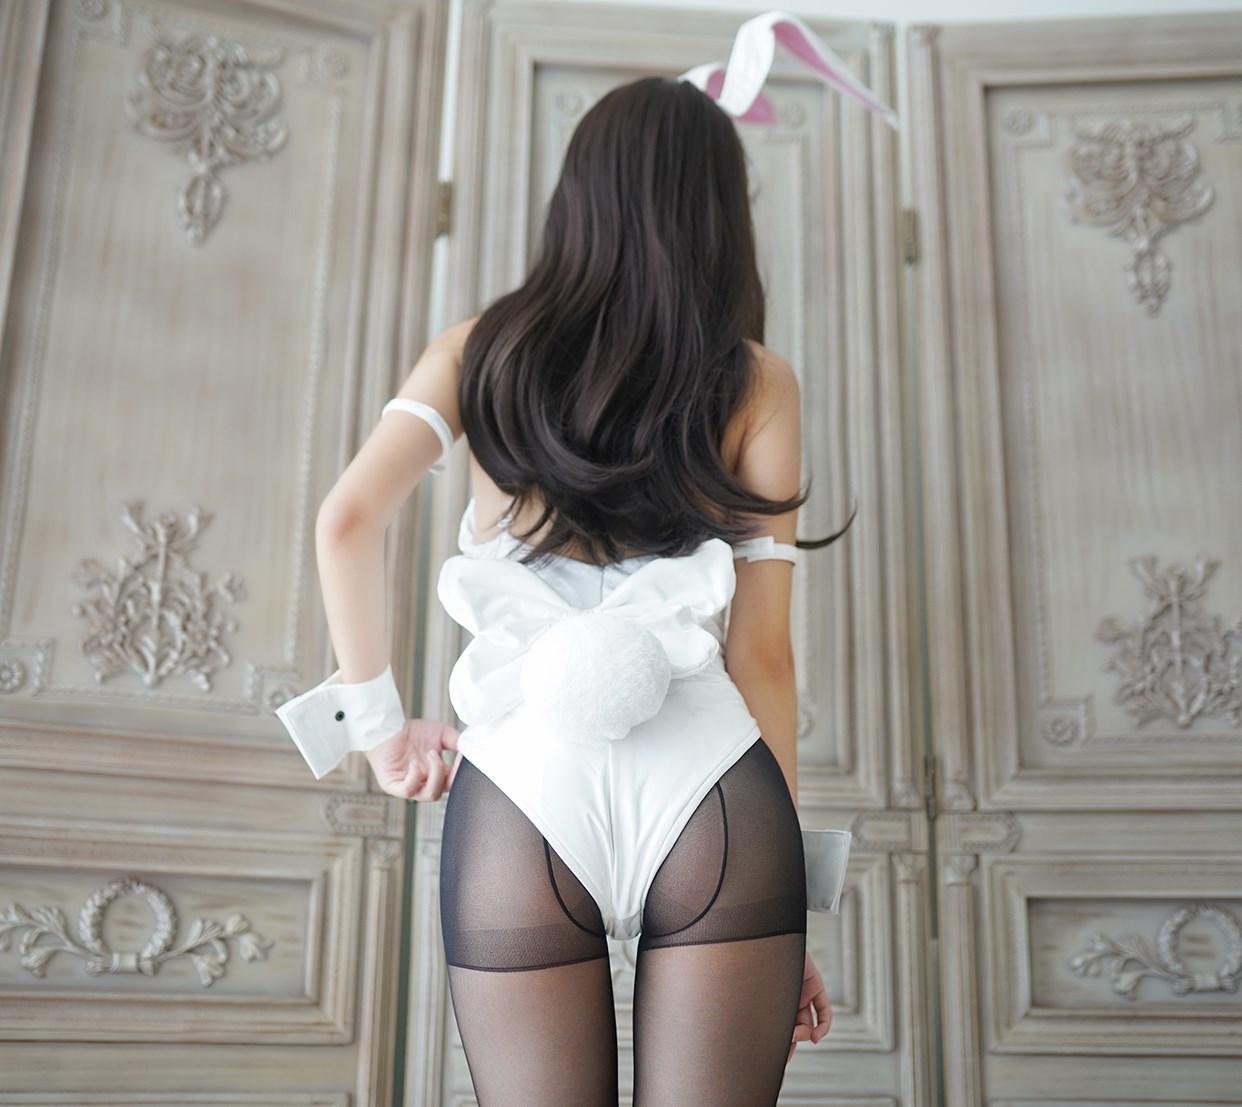 【兔玩映画】兔女郎vol.17-白兔 兔玩映画 第11张